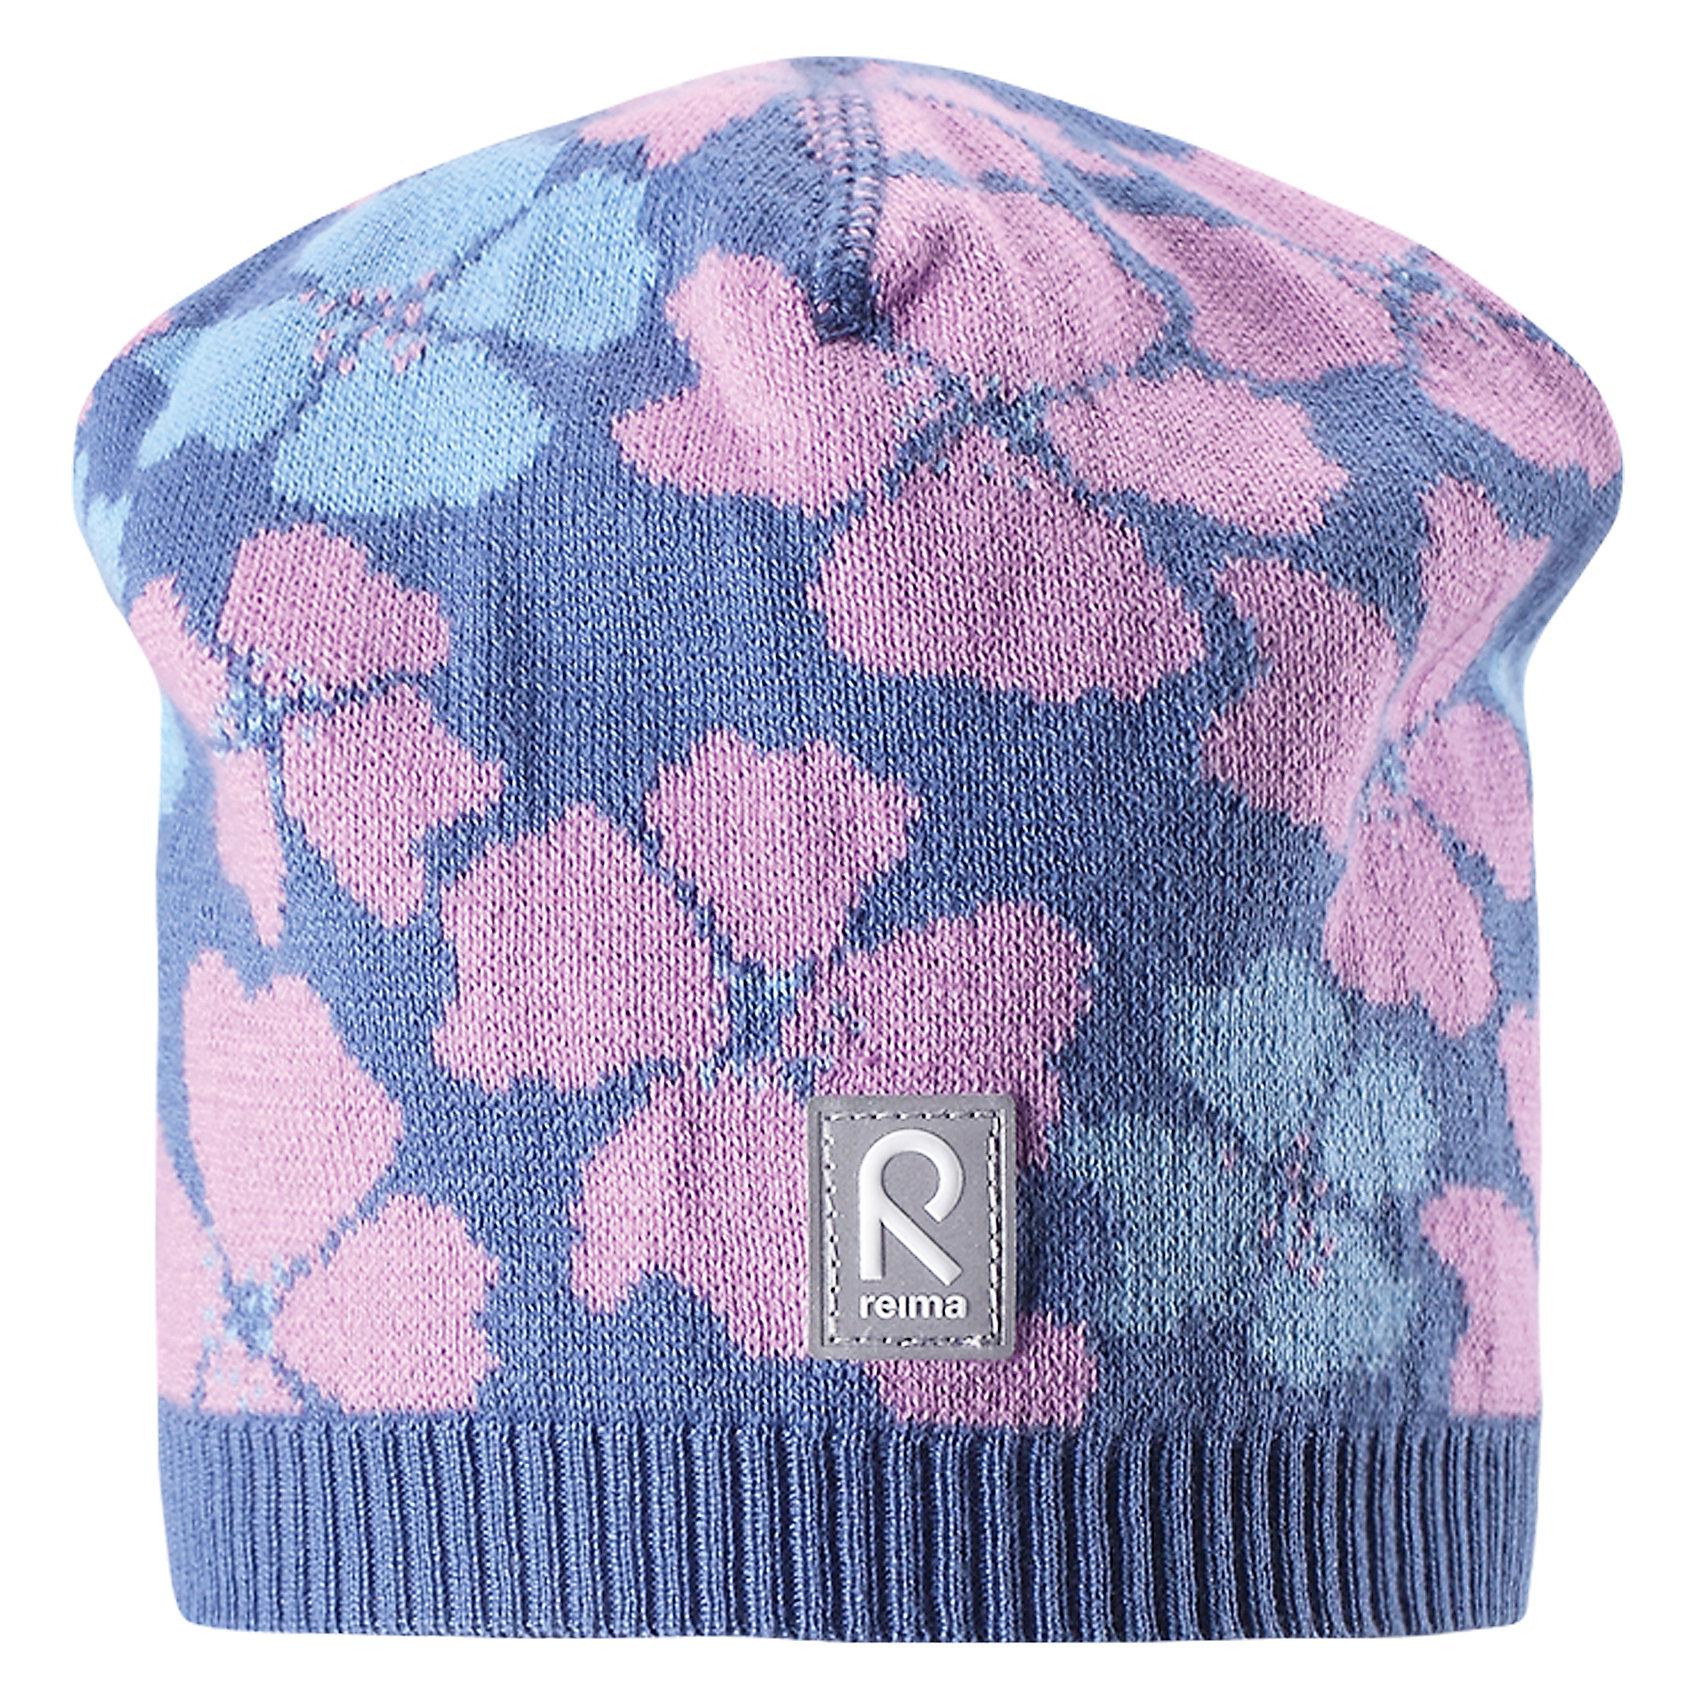 Шапка Paradise для девочки ReimaШапки и шарфы<br>Характеристики товара:<br><br>• цвет: сиреневый<br>• состав: 100% хлопок<br>• температурный режим: от +10С<br>• эластичный хлопковый трикотаж<br>• изделие сертифицированно по стандарту Oeko-Tex на продукцию класса 2 - одежда, контактирующая с кожей<br>• облегчённая модель без подкладки<br>• эмблема Reima спереди<br>• сплошная жаккардовая узорная вязка<br>• светоотражающая эмблема спереди<br>• страна бренда: Финляндия<br>• страна производства: Китай<br><br>Детский головной убор может быть модным и удобным одновременно! Стильная шапка поможет обеспечить ребенку комфорт и дополнить наряд.Шапка удобно сидит и аккуратно выглядит. Проста в уходе, долго служит. Стильный дизайн разрабатывался специально для детей. Отличная защита от дождя и ветра!<br><br>Уход:<br><br>• стирать по отдельности, вывернув наизнанку<br>• придать первоначальную форму вo влажном виде<br>• возможна усадка 5 %.<br><br>Шапку для девочки от финского бренда Reima (Рейма) можно купить в нашем интернет-магазине.<br><br>Ширина мм: 89<br>Глубина мм: 117<br>Высота мм: 44<br>Вес г: 155<br>Цвет: синий<br>Возраст от месяцев: 48<br>Возраст до месяцев: 84<br>Пол: Женский<br>Возраст: Детский<br>Размер: 54,56,50,52<br>SKU: 5267846